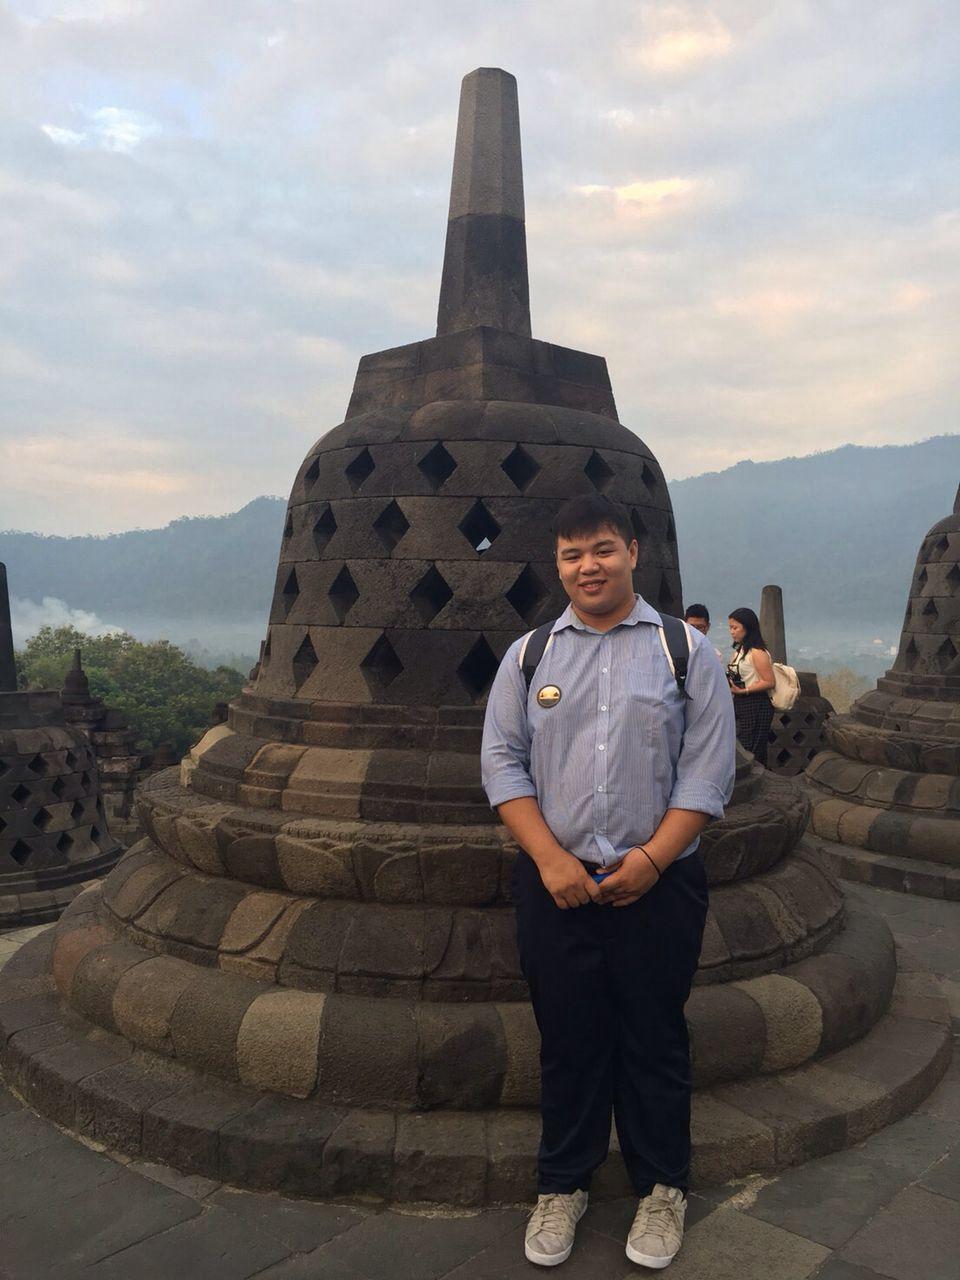 Theerapat Pikulthong – Thailand